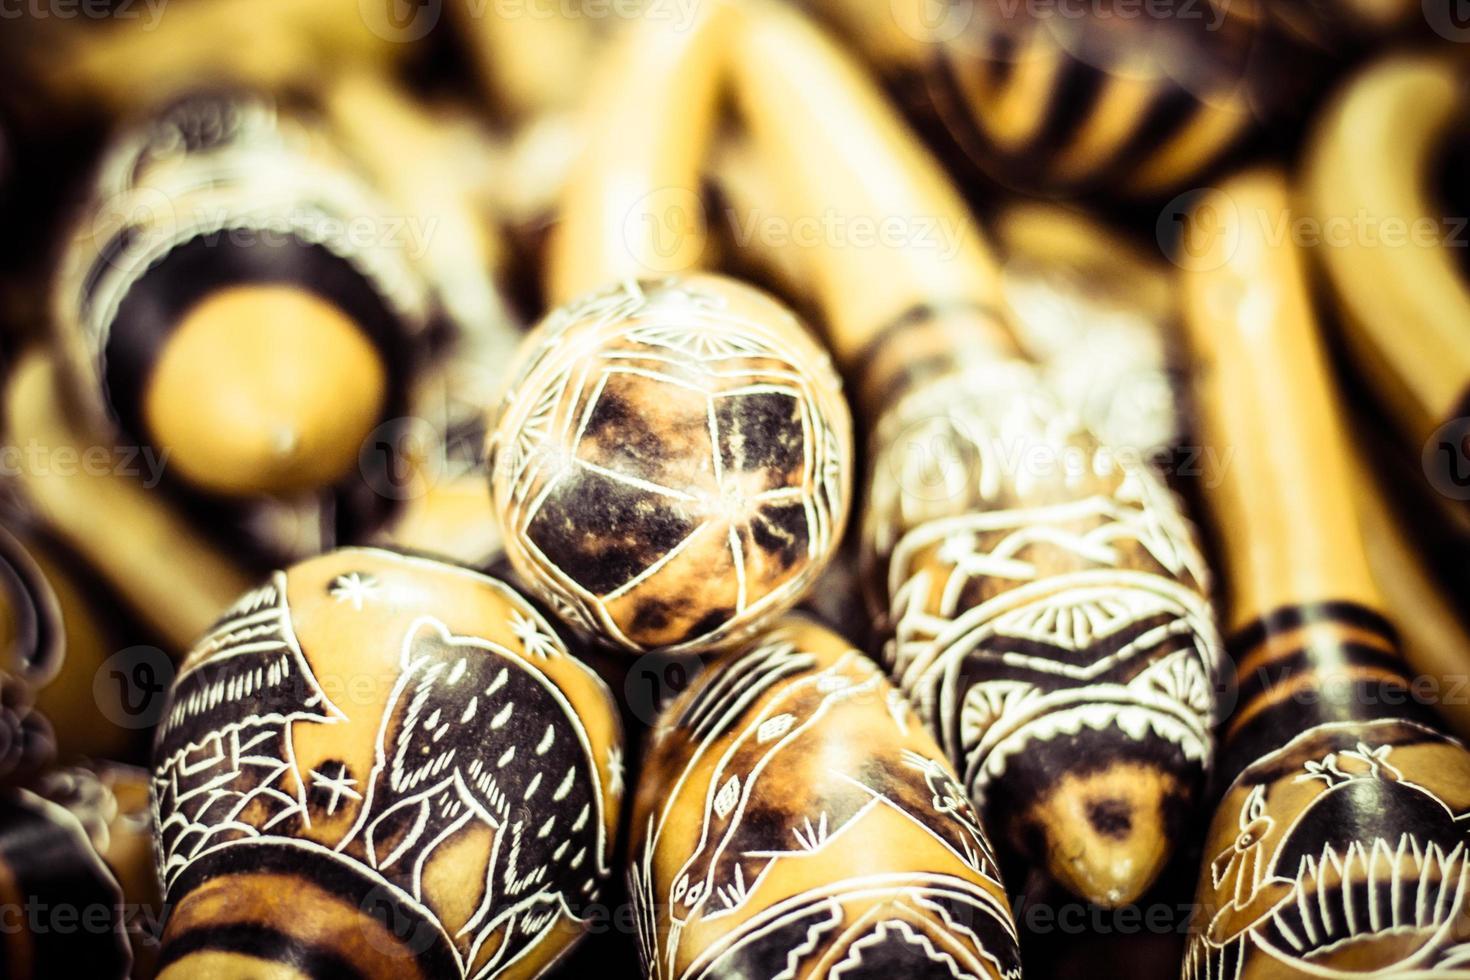 Maracas peruanas hechas a mano en el mercado local. foto